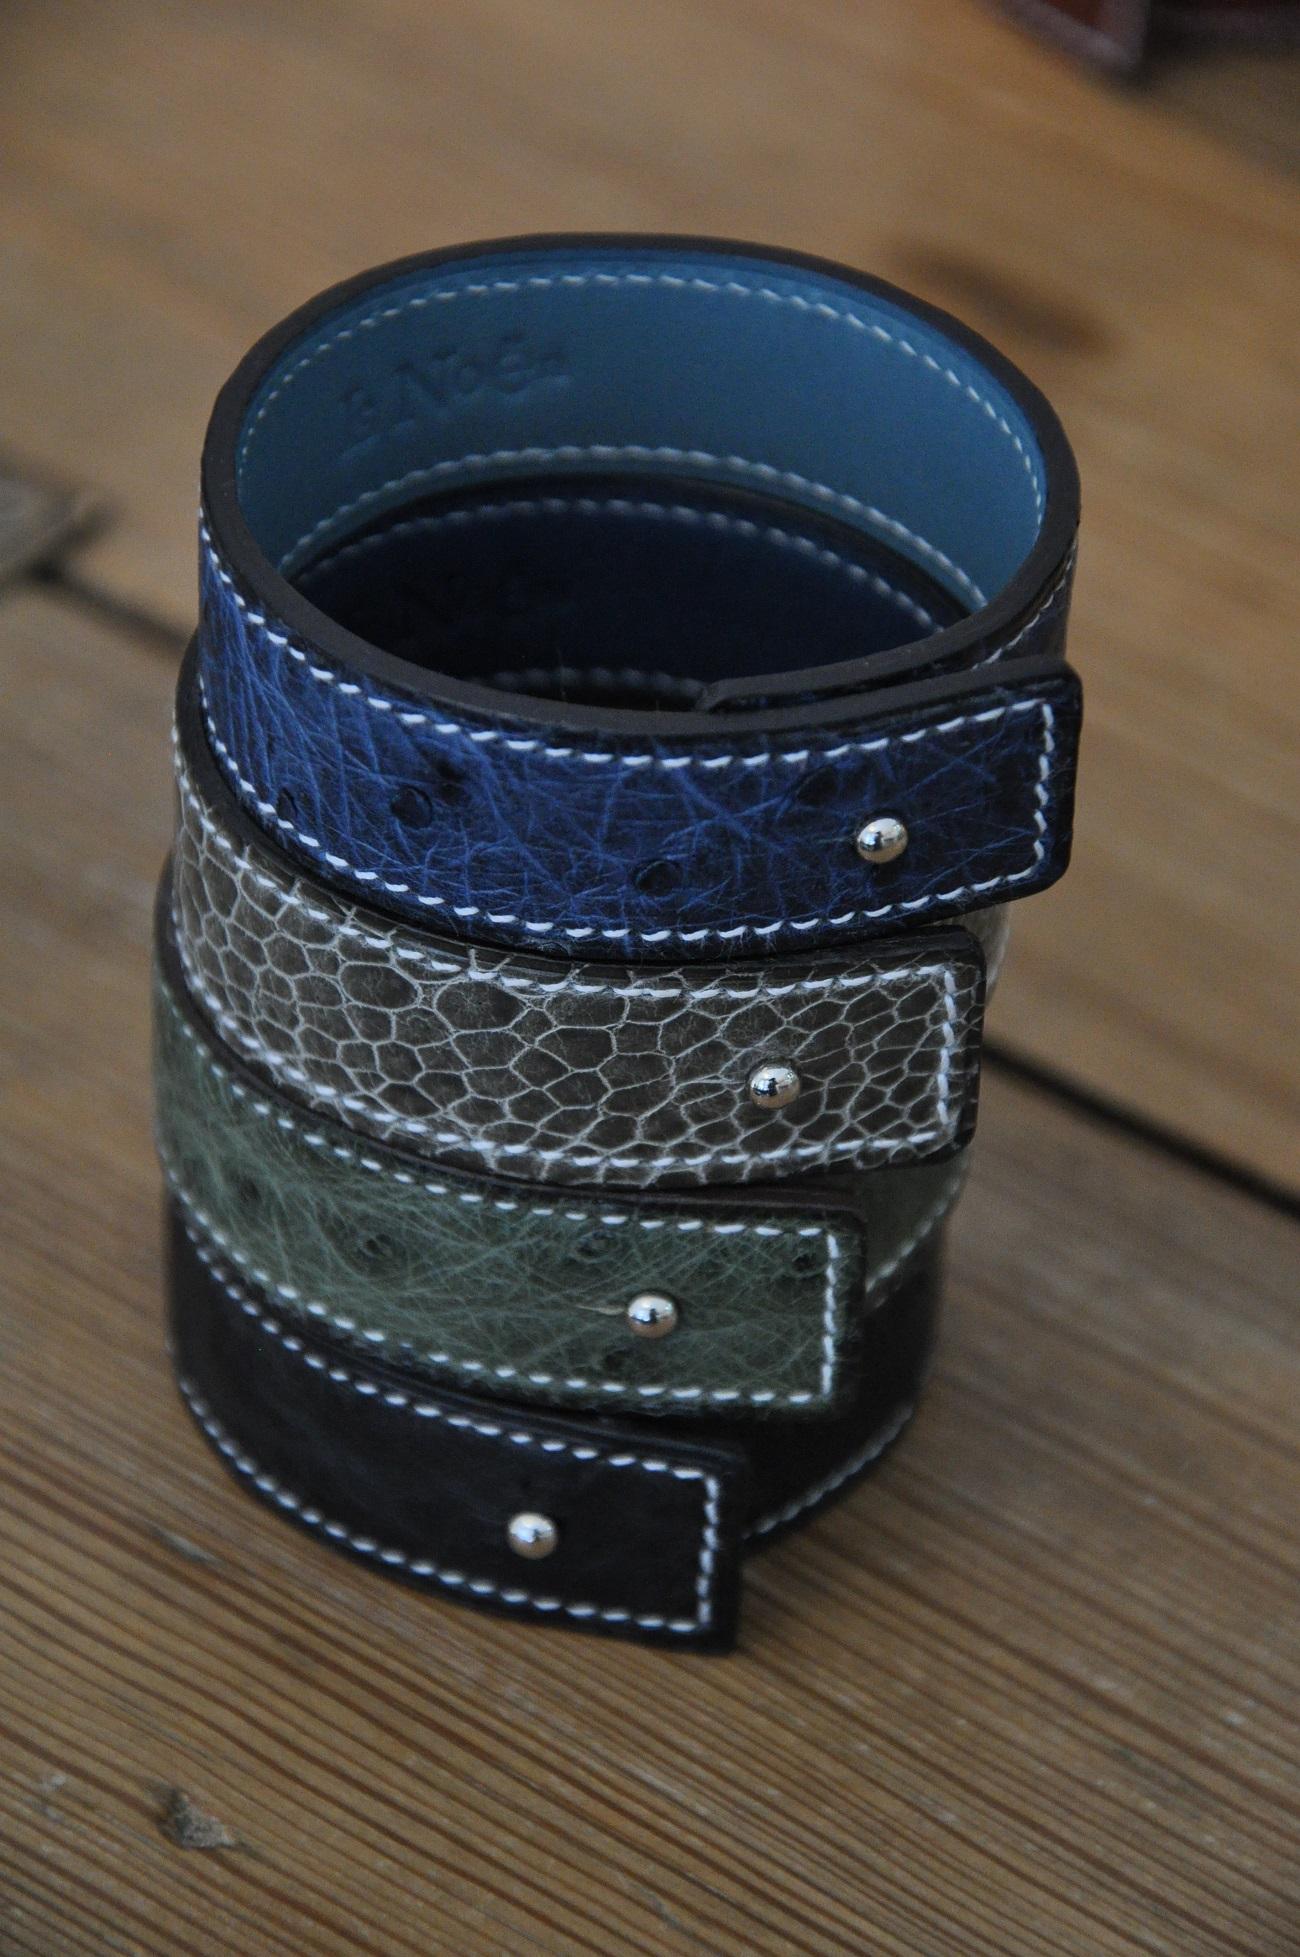 la marque LE NOËN a créé des bracelets en autruche, patte d'autruce et lézard. Le raffinement français.